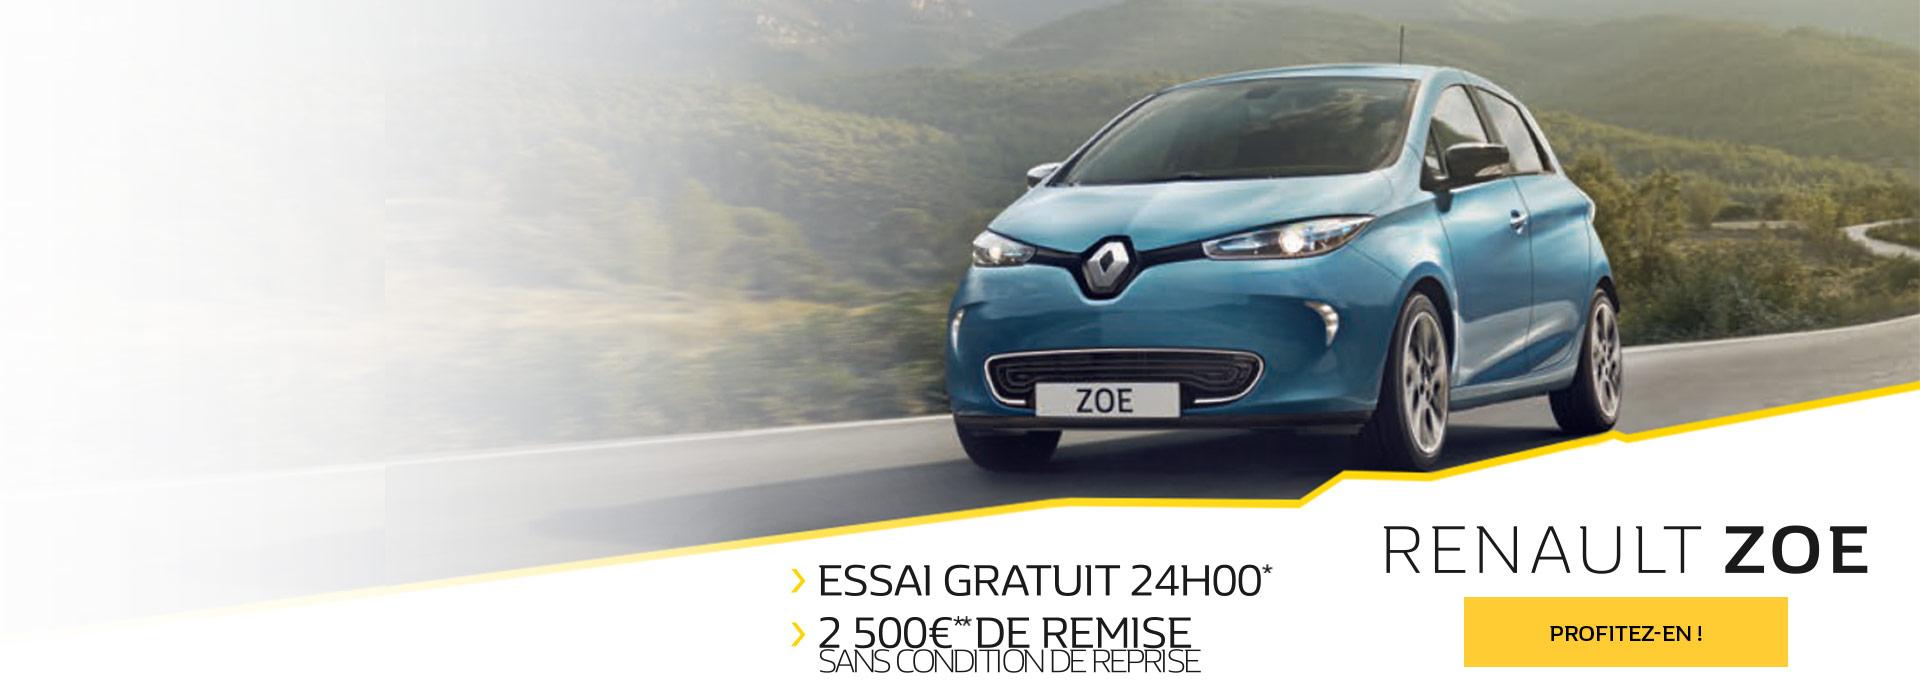 Renault Saint Avold Vente De Voiture Neuve Et Vehicule D Occasion